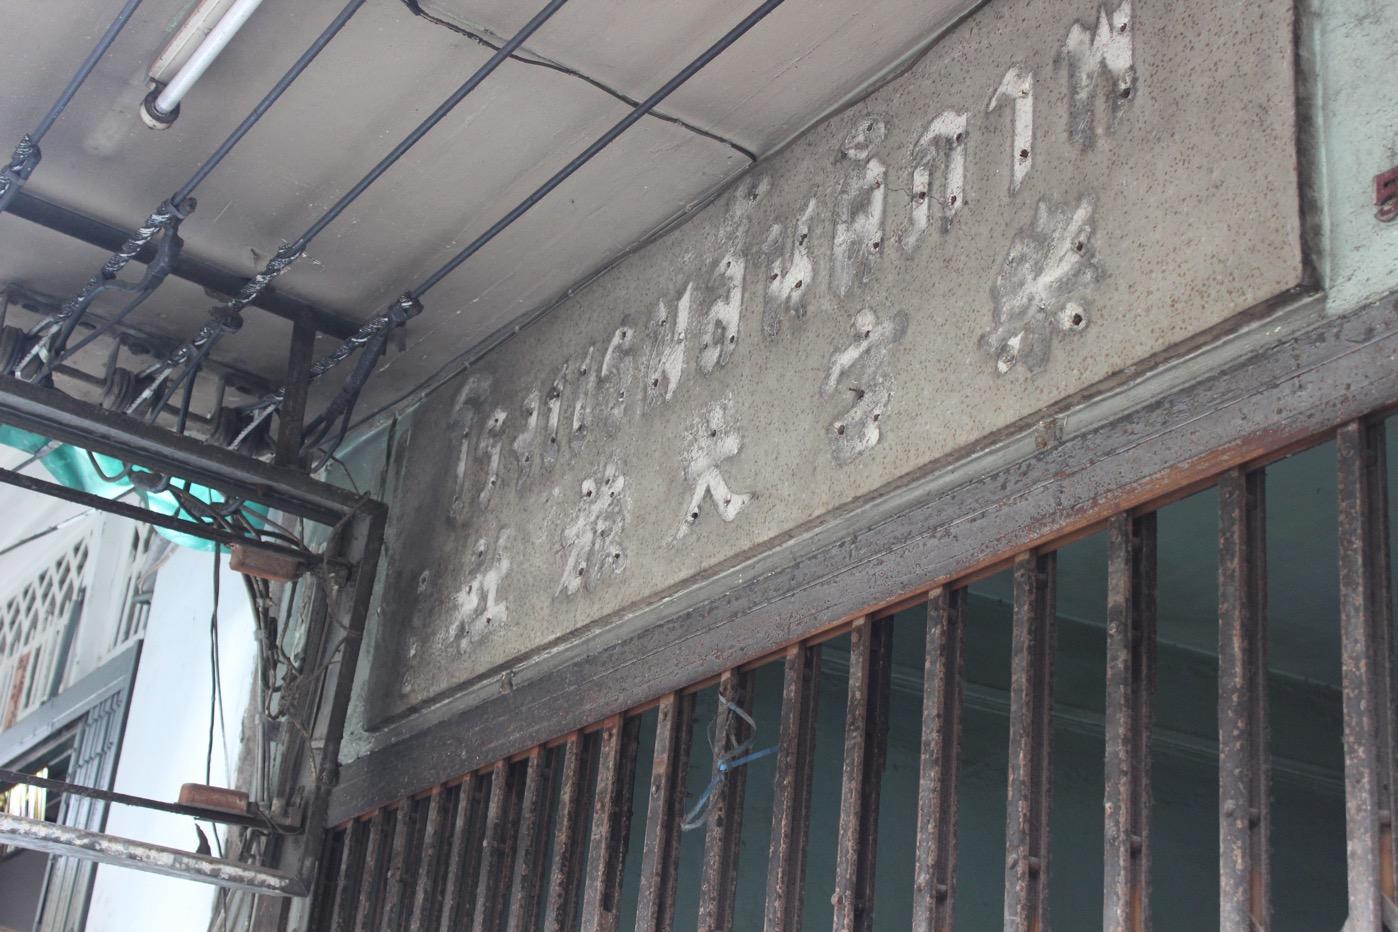 楽宮大旅社。中に入ると工事をしていた。労働者のアパートに改装しているらしい。